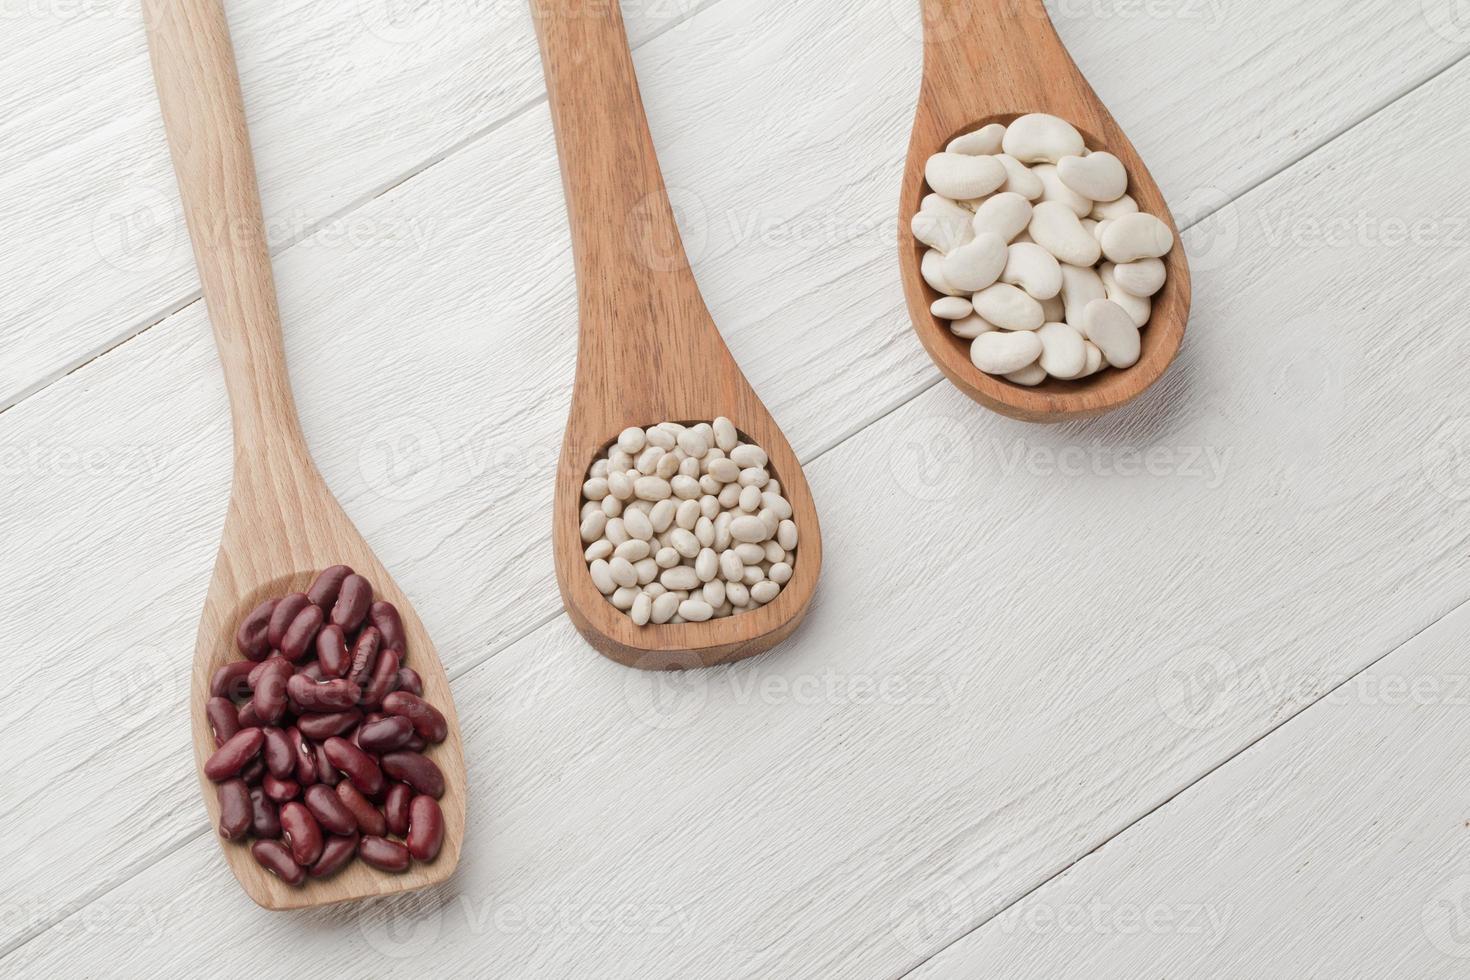 haricots assortis dans une spatule en bois photo